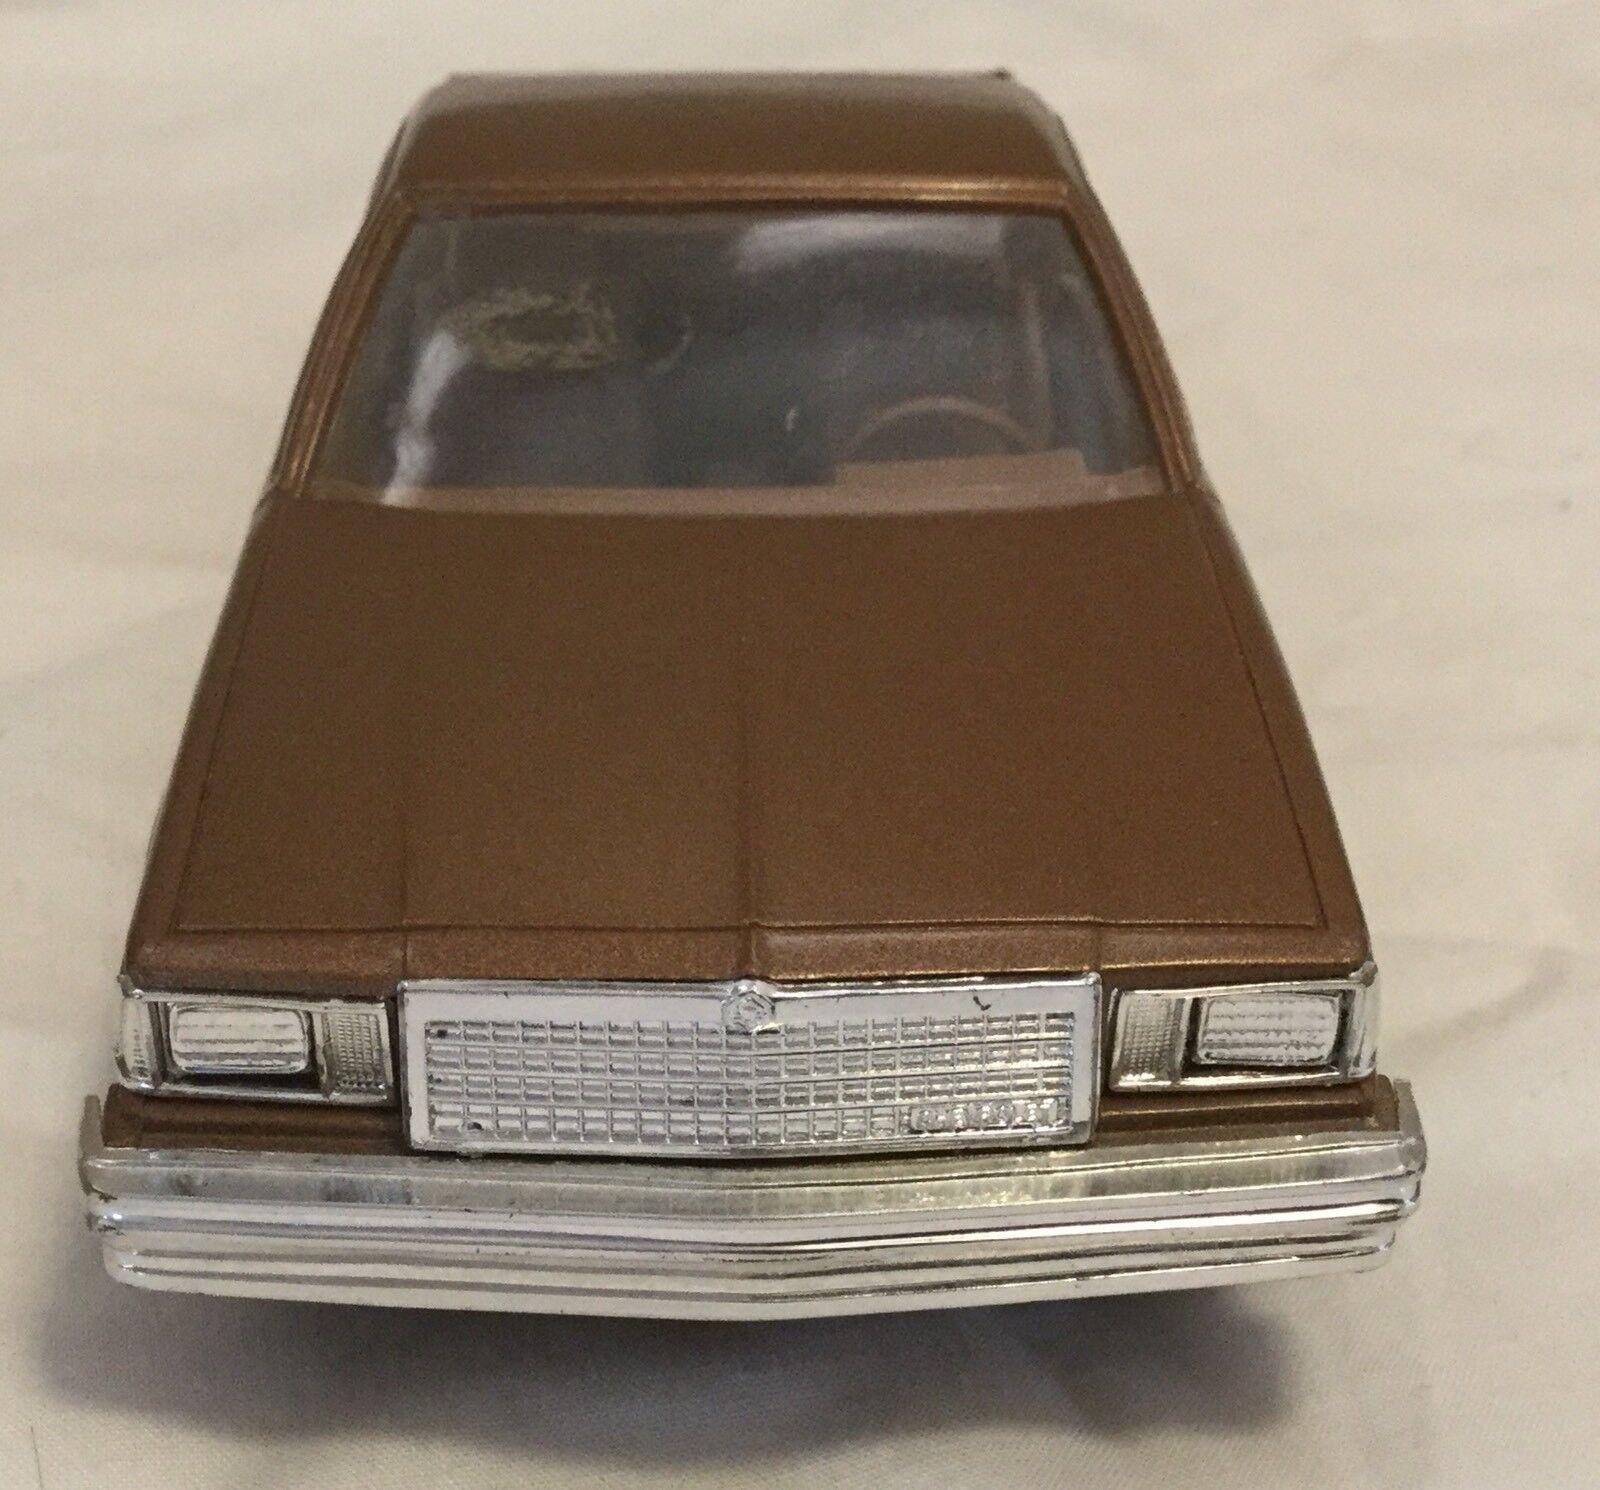 1979 chevrolet el camino werbe - model auto